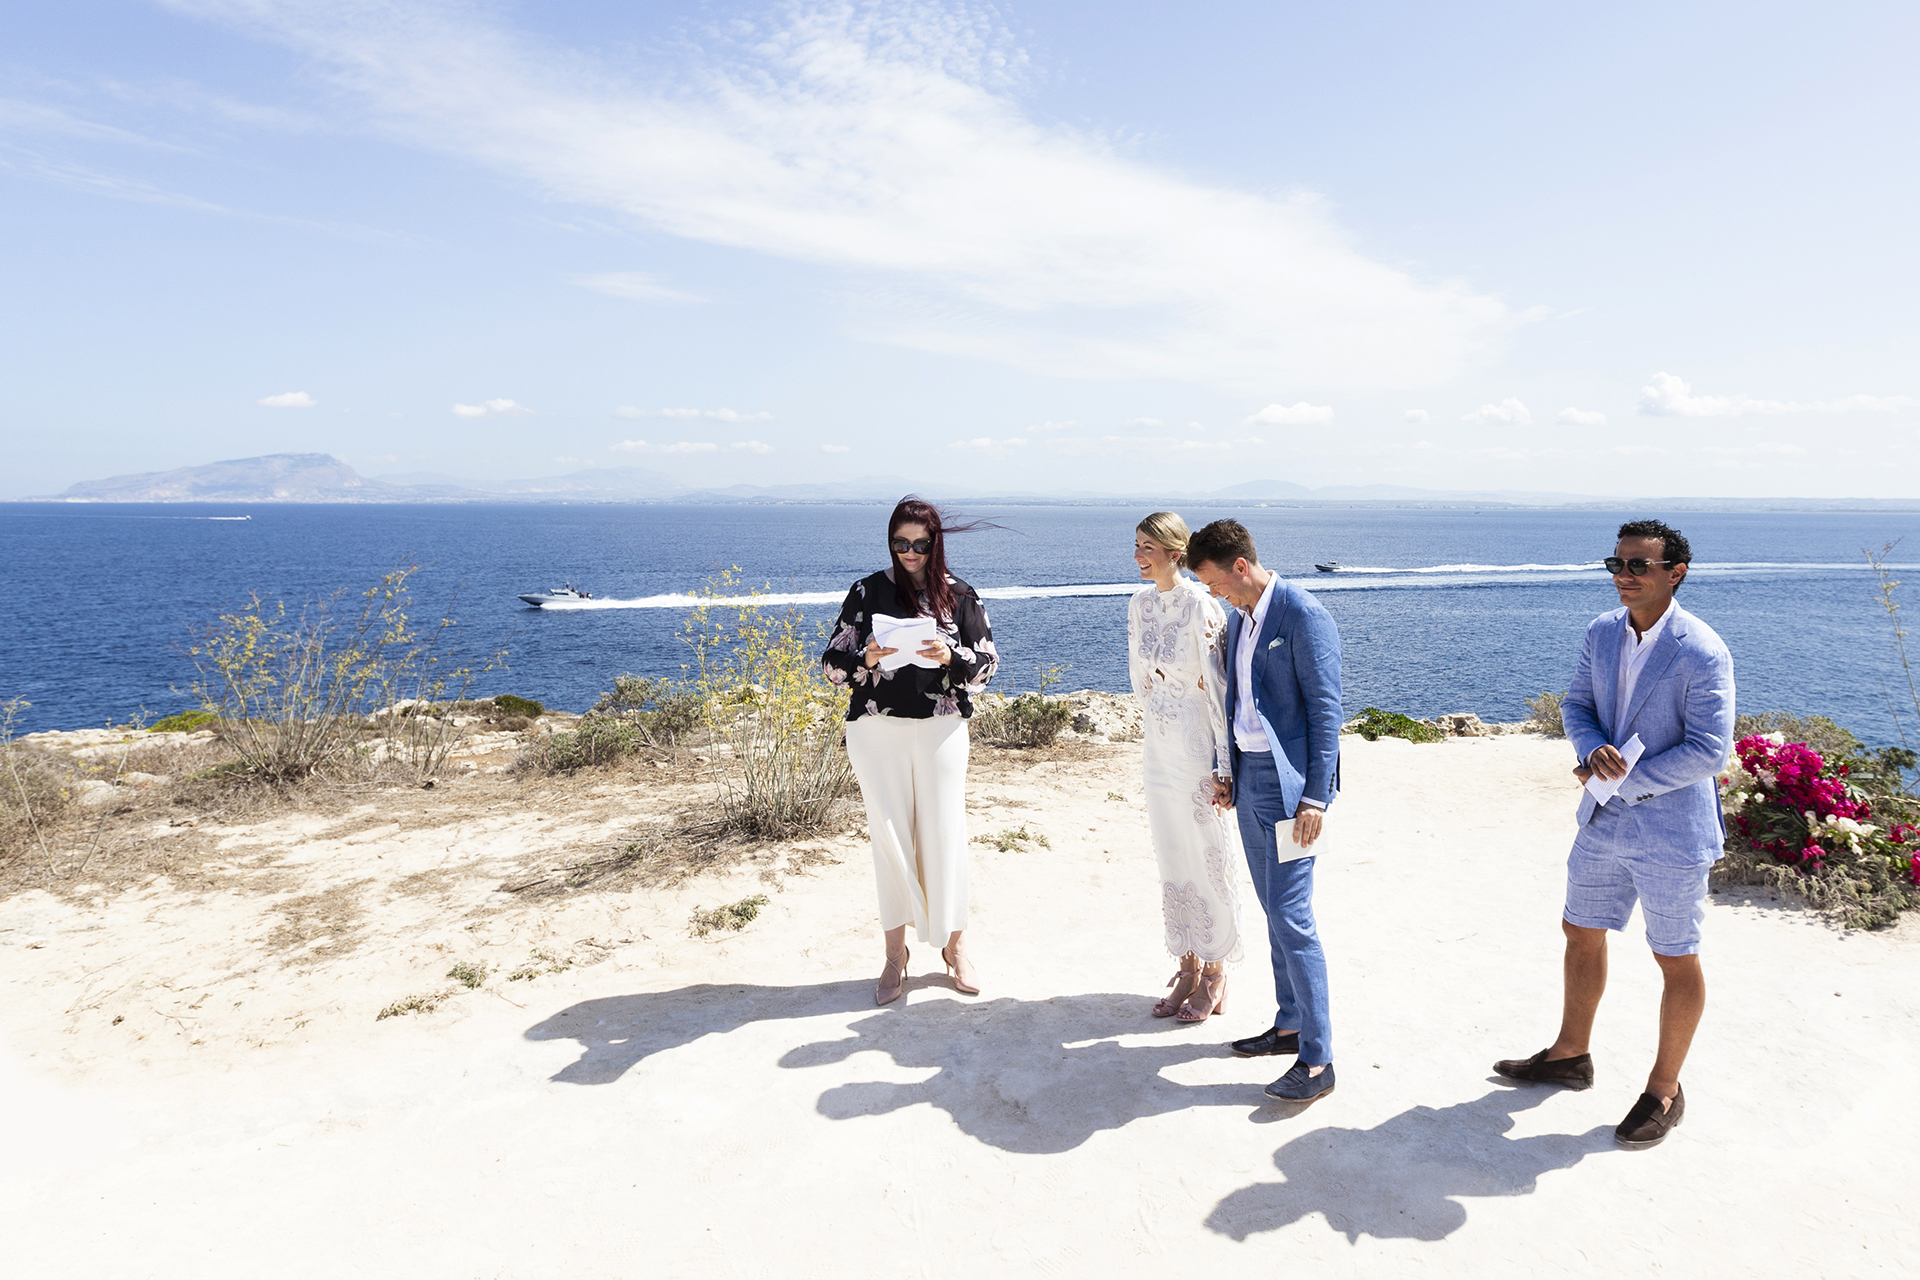 Elopement en Sicile | Cérémonie de mariage à destination de l'Italie intime sur la mer des îles Egades